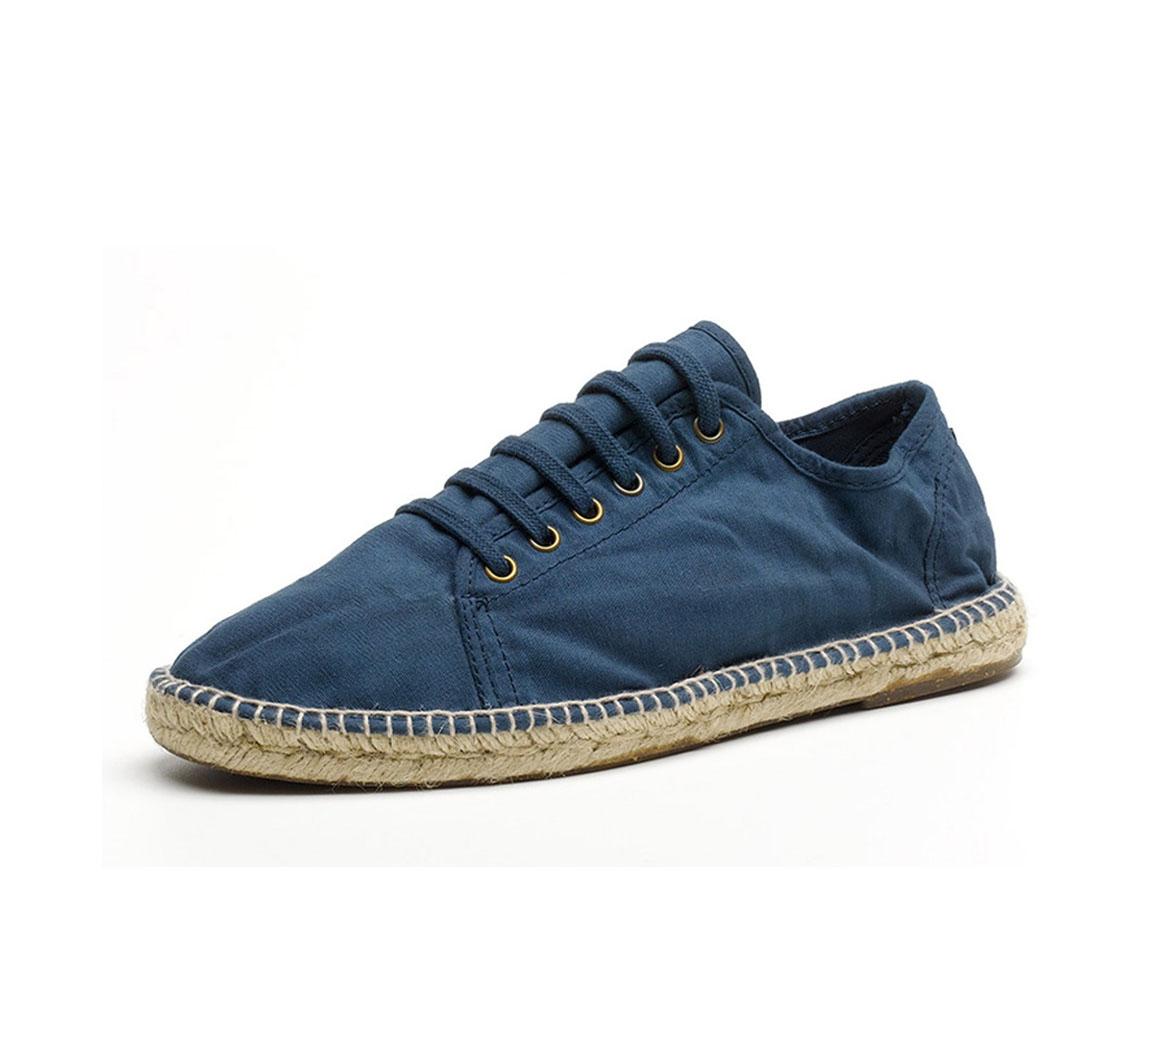 Chaussure homme Espadrille à lacets